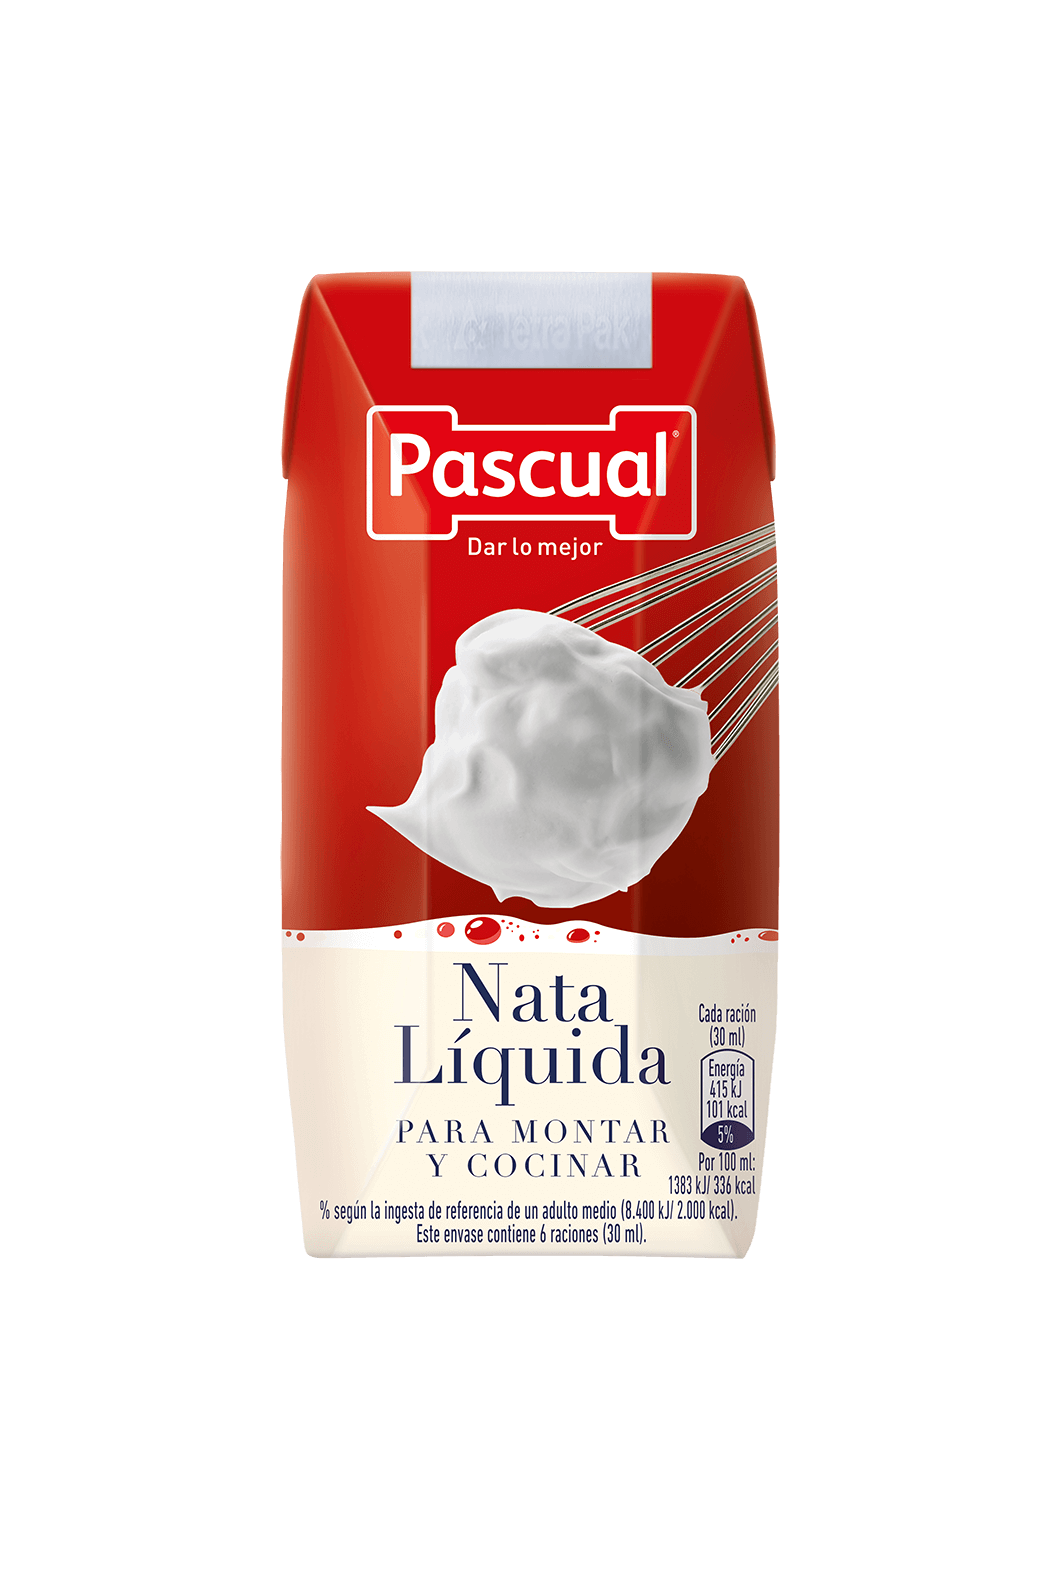 NATA liquida cocinar Pascual